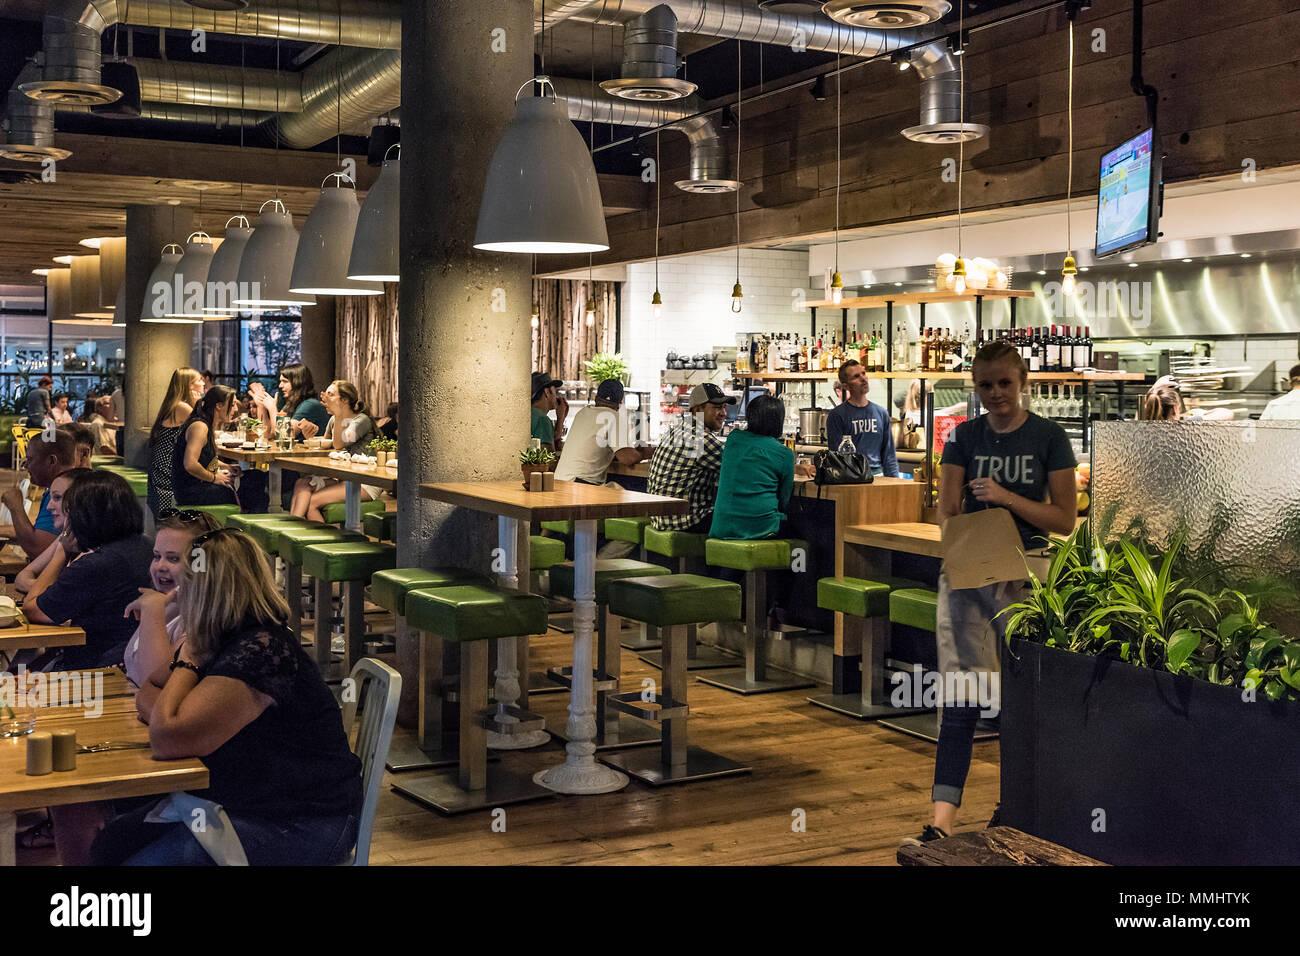 True Food Cuisine Restaurant, Denver Colorado, USA. Banque D'Images